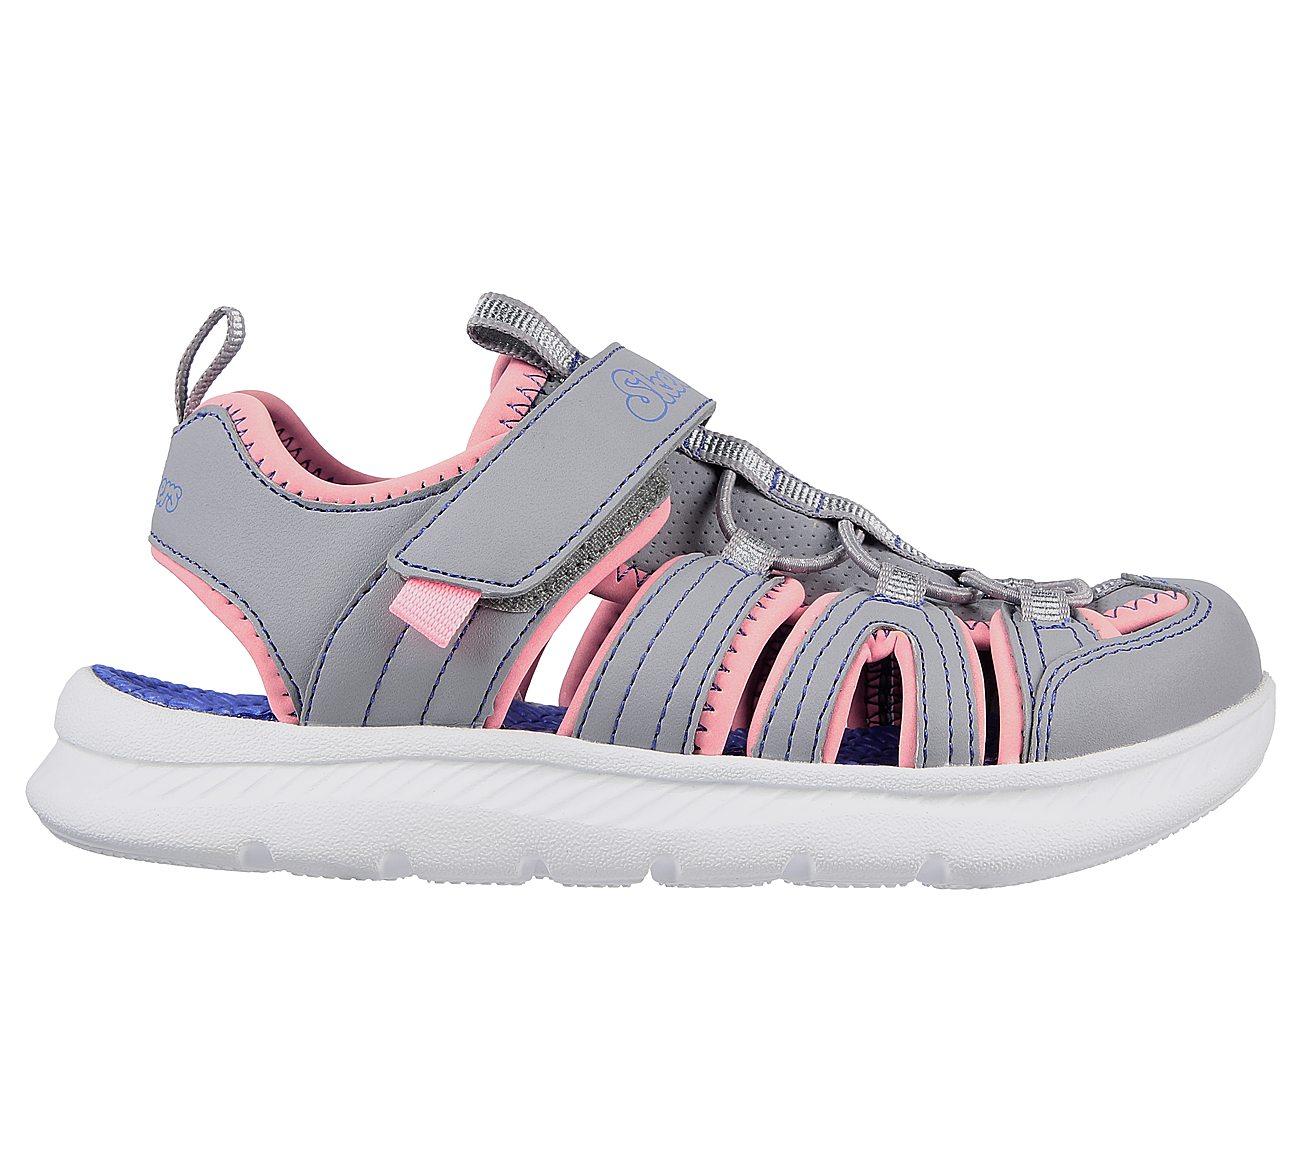 Buy SKECHERS C-Flex Sandal 2.0